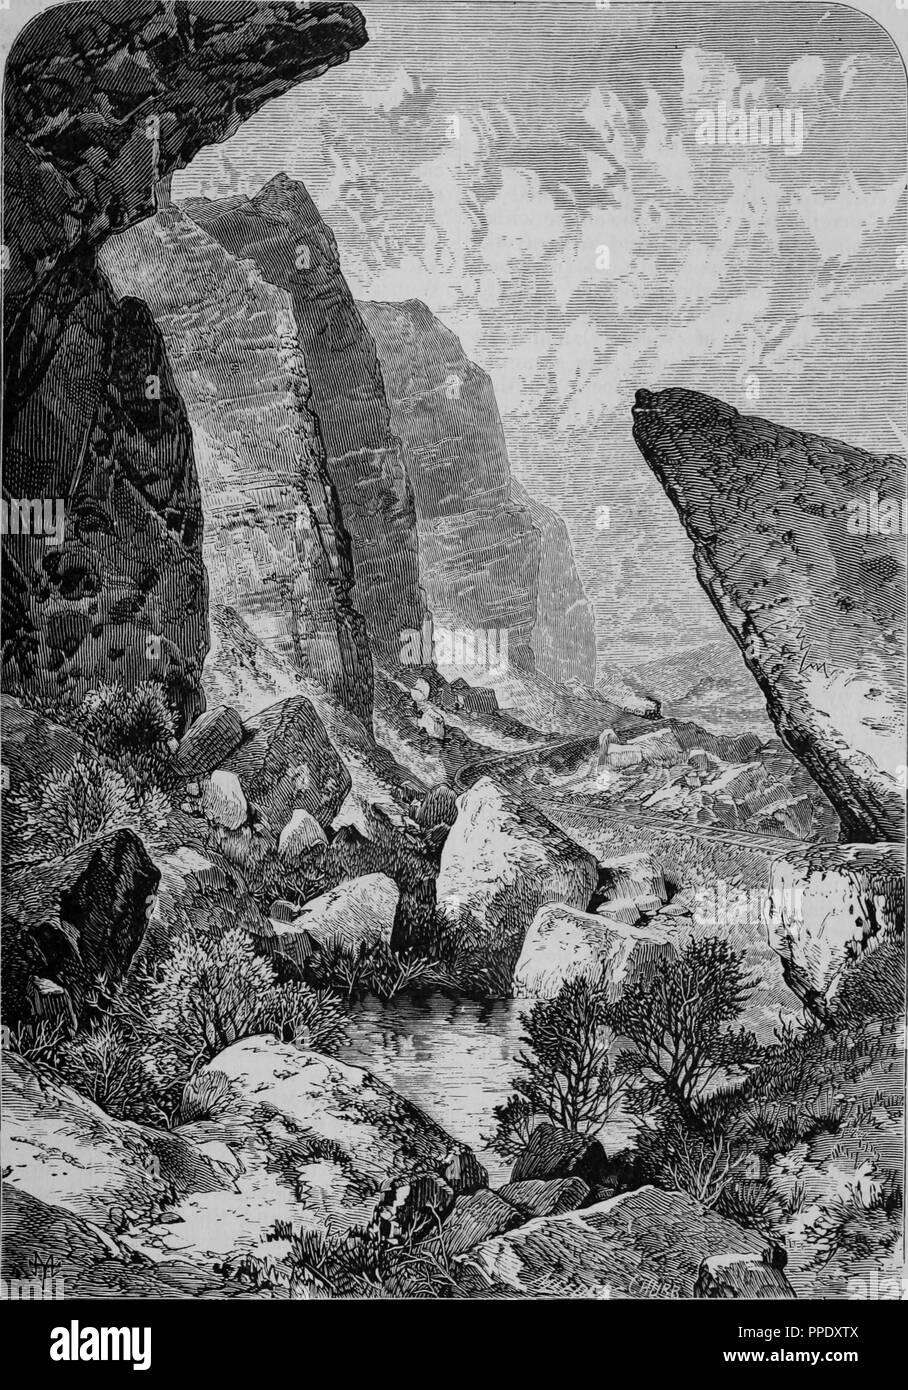 """Incisione di scogliere di Echo Canyon dello Utah, dal libro """"Pacifico turisti"""", 1877. La cortesia Internet Archive. () Immagini Stock"""